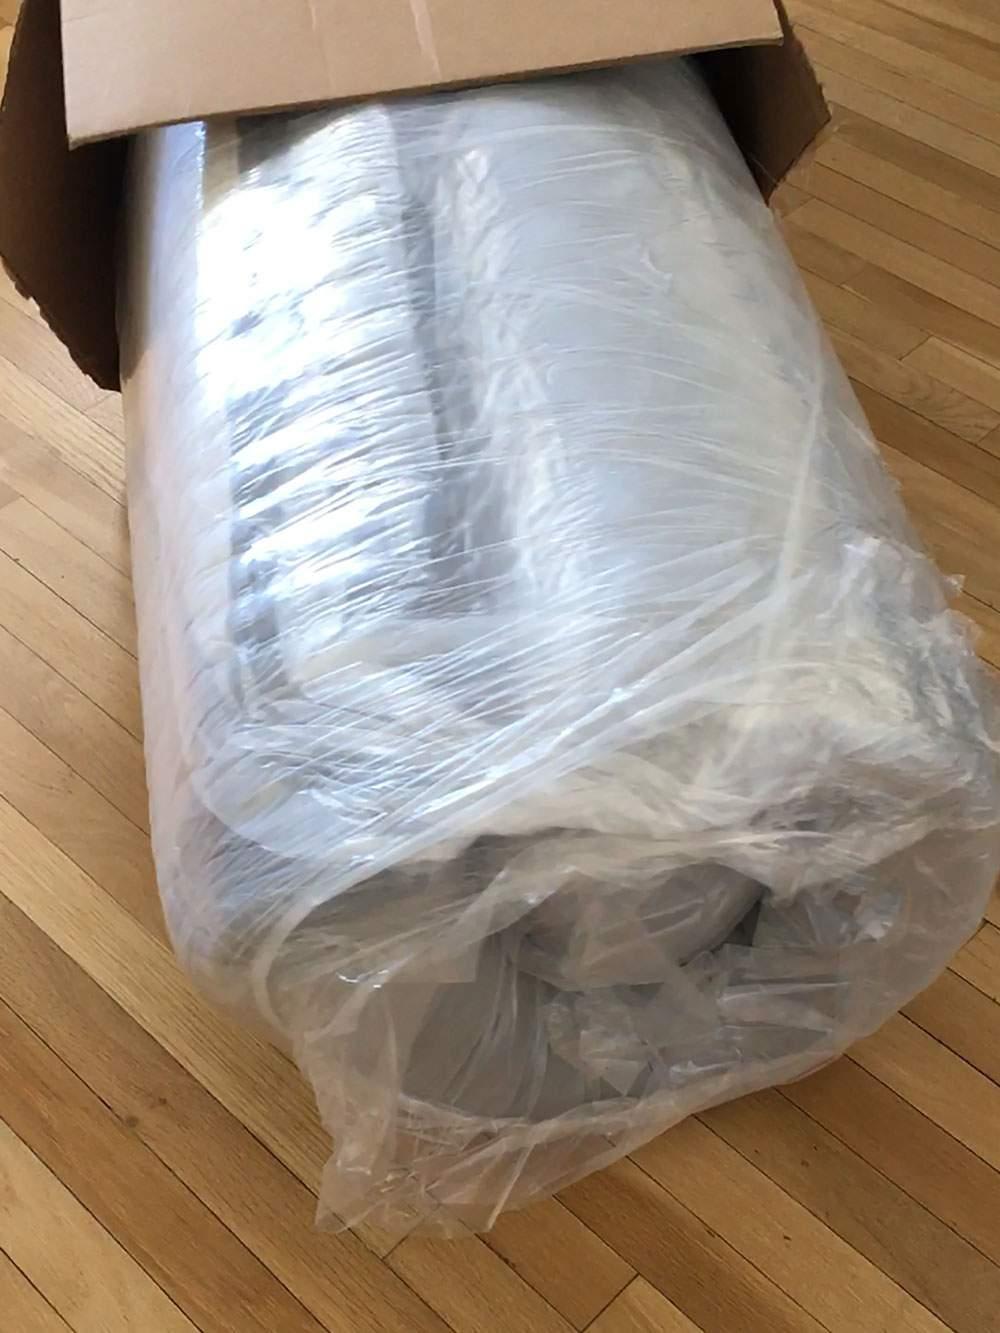 unboxing-a-bolster-sleep-mattress.jpg